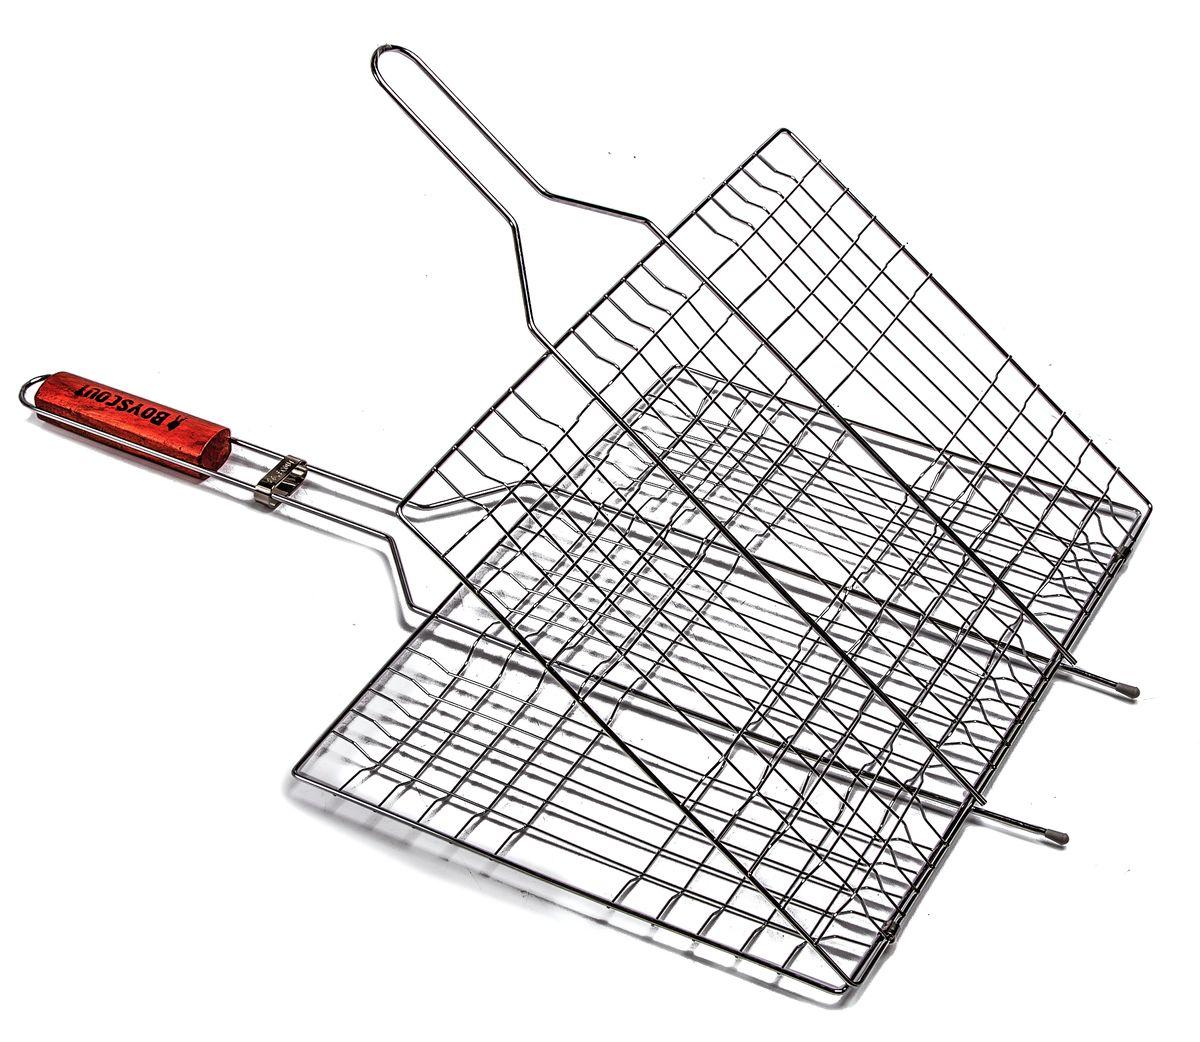 Решетка-гриль Boyscout, с антипригарным покрытием, 67 см х 40 см х 2,5 см + ПОДАРОК: Веер для розжига Boyscout61312Решетка-гриль Boyscout предназначена для приготовления пищи на открытом воздухе. Изготовлена из высококачественной стали с антипригарным покрытием. Решетка имеет деревянную вставку на ручке, предохраняющую руки от ожогов и позволяющую без труда перевернуть решетку. Надежное кольцо-фиксатор гарантирует, что решетка не откроется, и продукты не выпадут. Приготовление вкусных блюд из рыбы, мяса или птицы на пикнике становится еще более быстрым и удобным с использованием решетки-гриль. К решетке прилагается подарок - веер для розжига, выполненный из плотного картона. Размер рабочей поверхности: 40 см х 30 см х 2,5 см Длина ручки: 32 см Размер веера: 21 см х 15 см х 0,5 см.